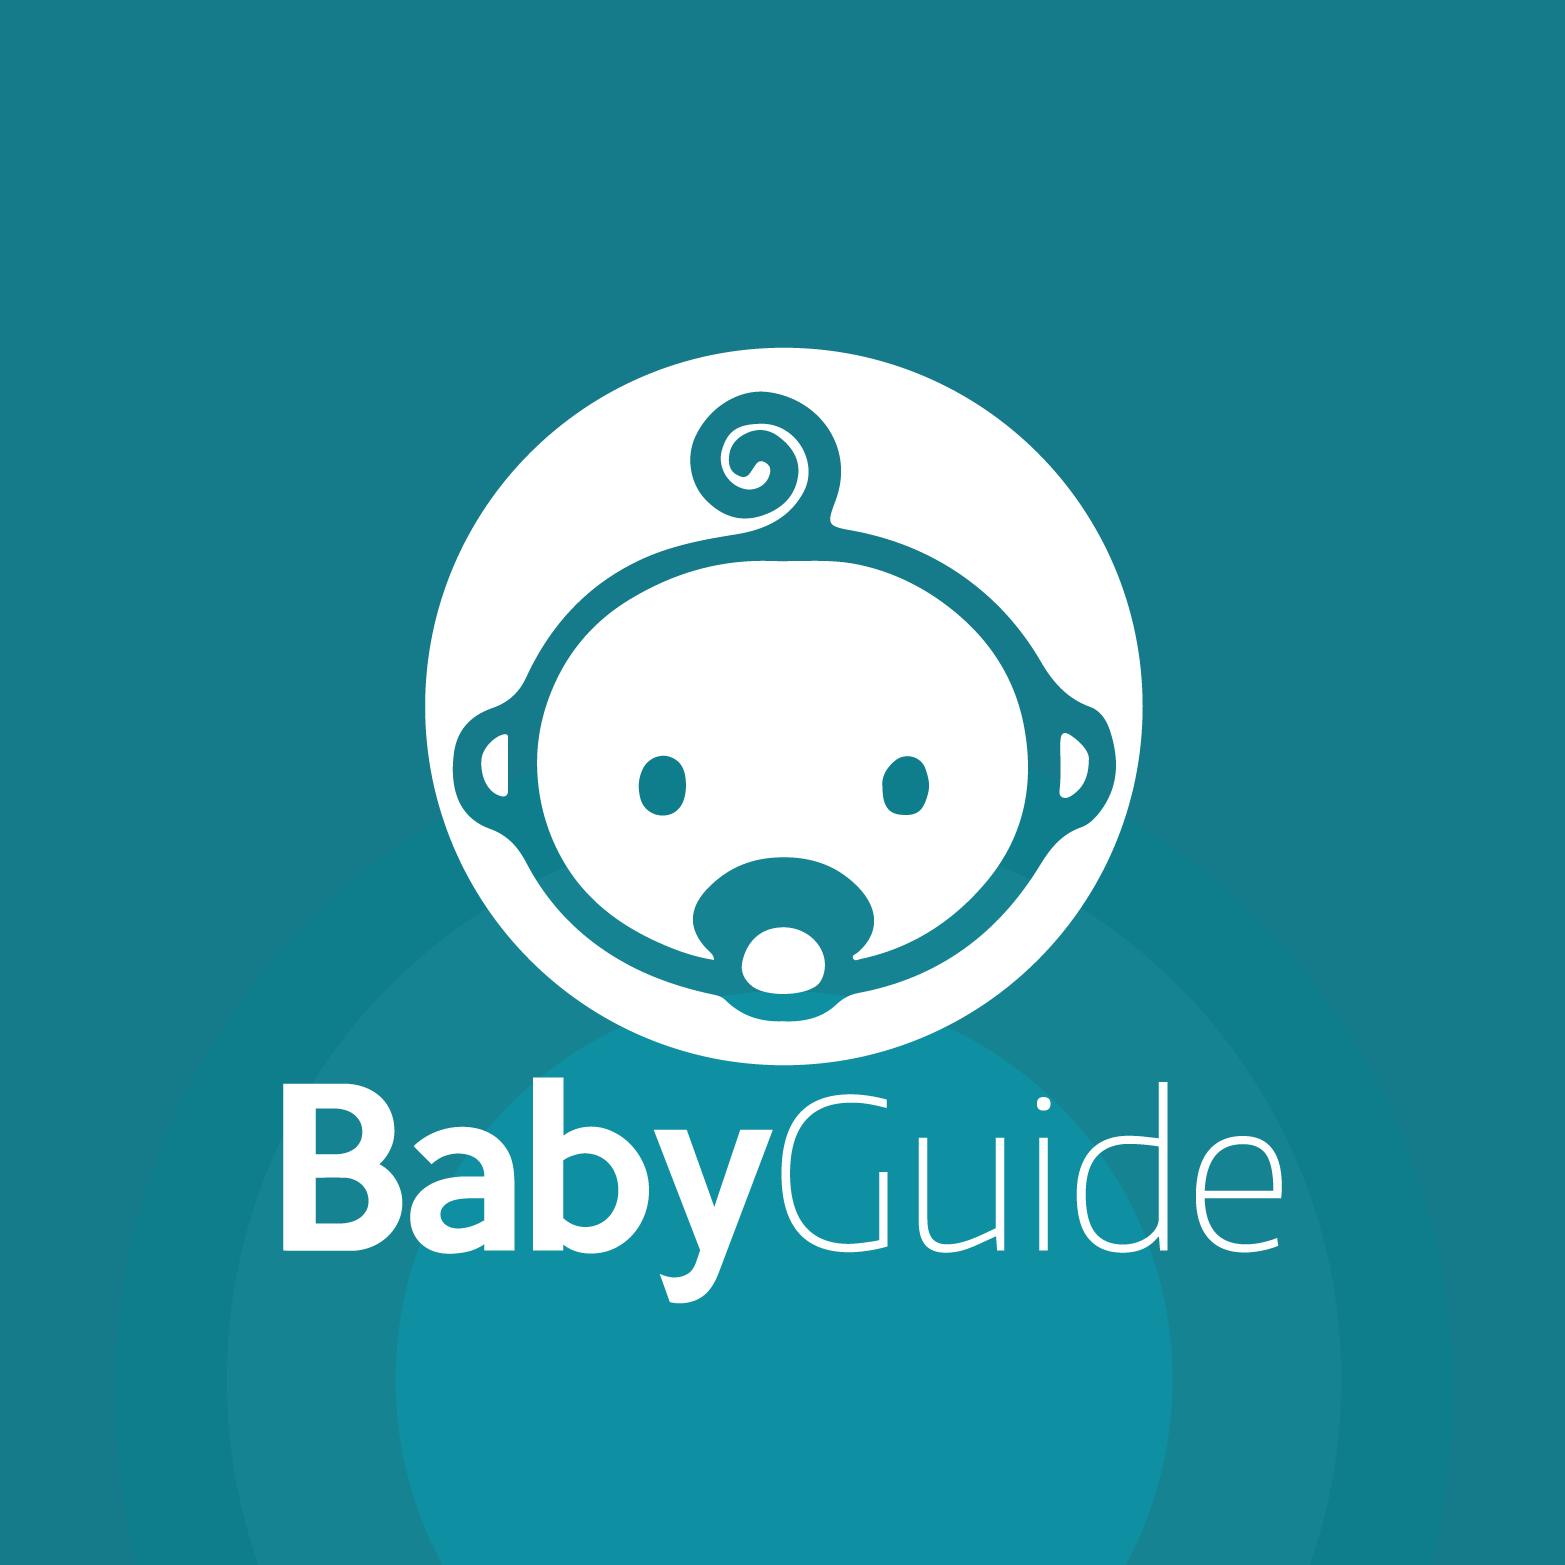 logo babyguide - Baby Guide App